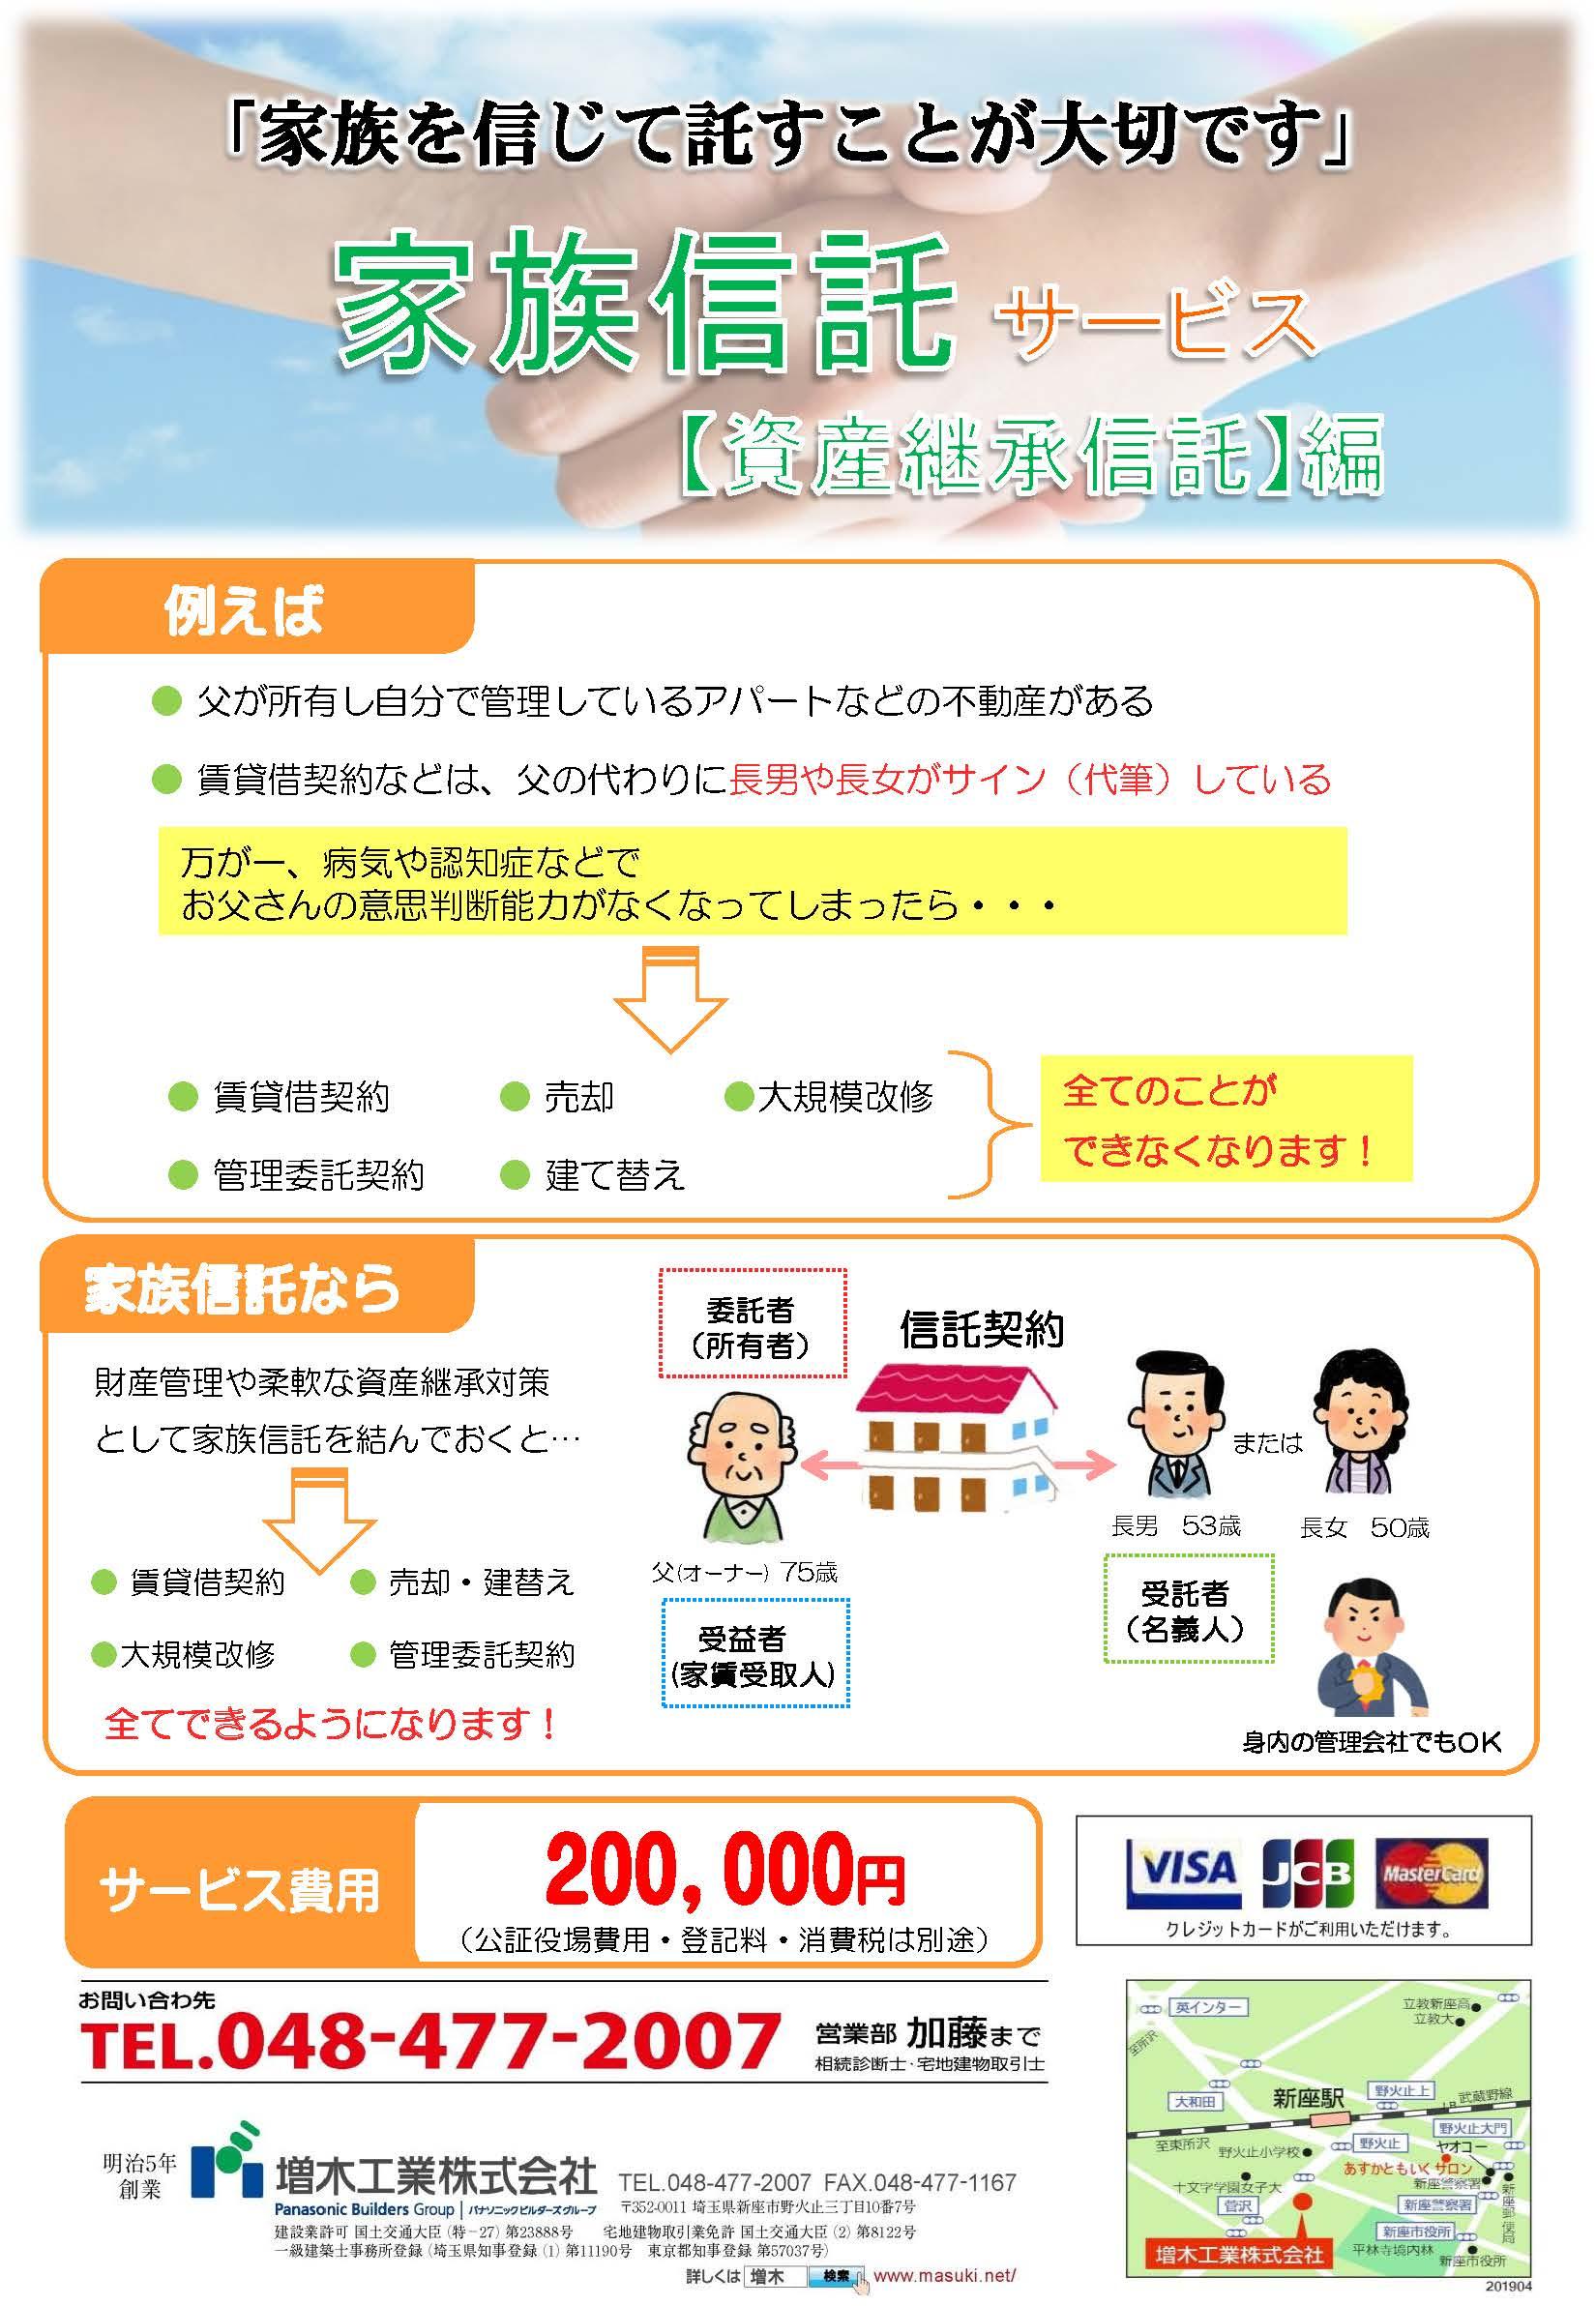 家族信託サービス ~資産継承信託編~/13-1のイメージ